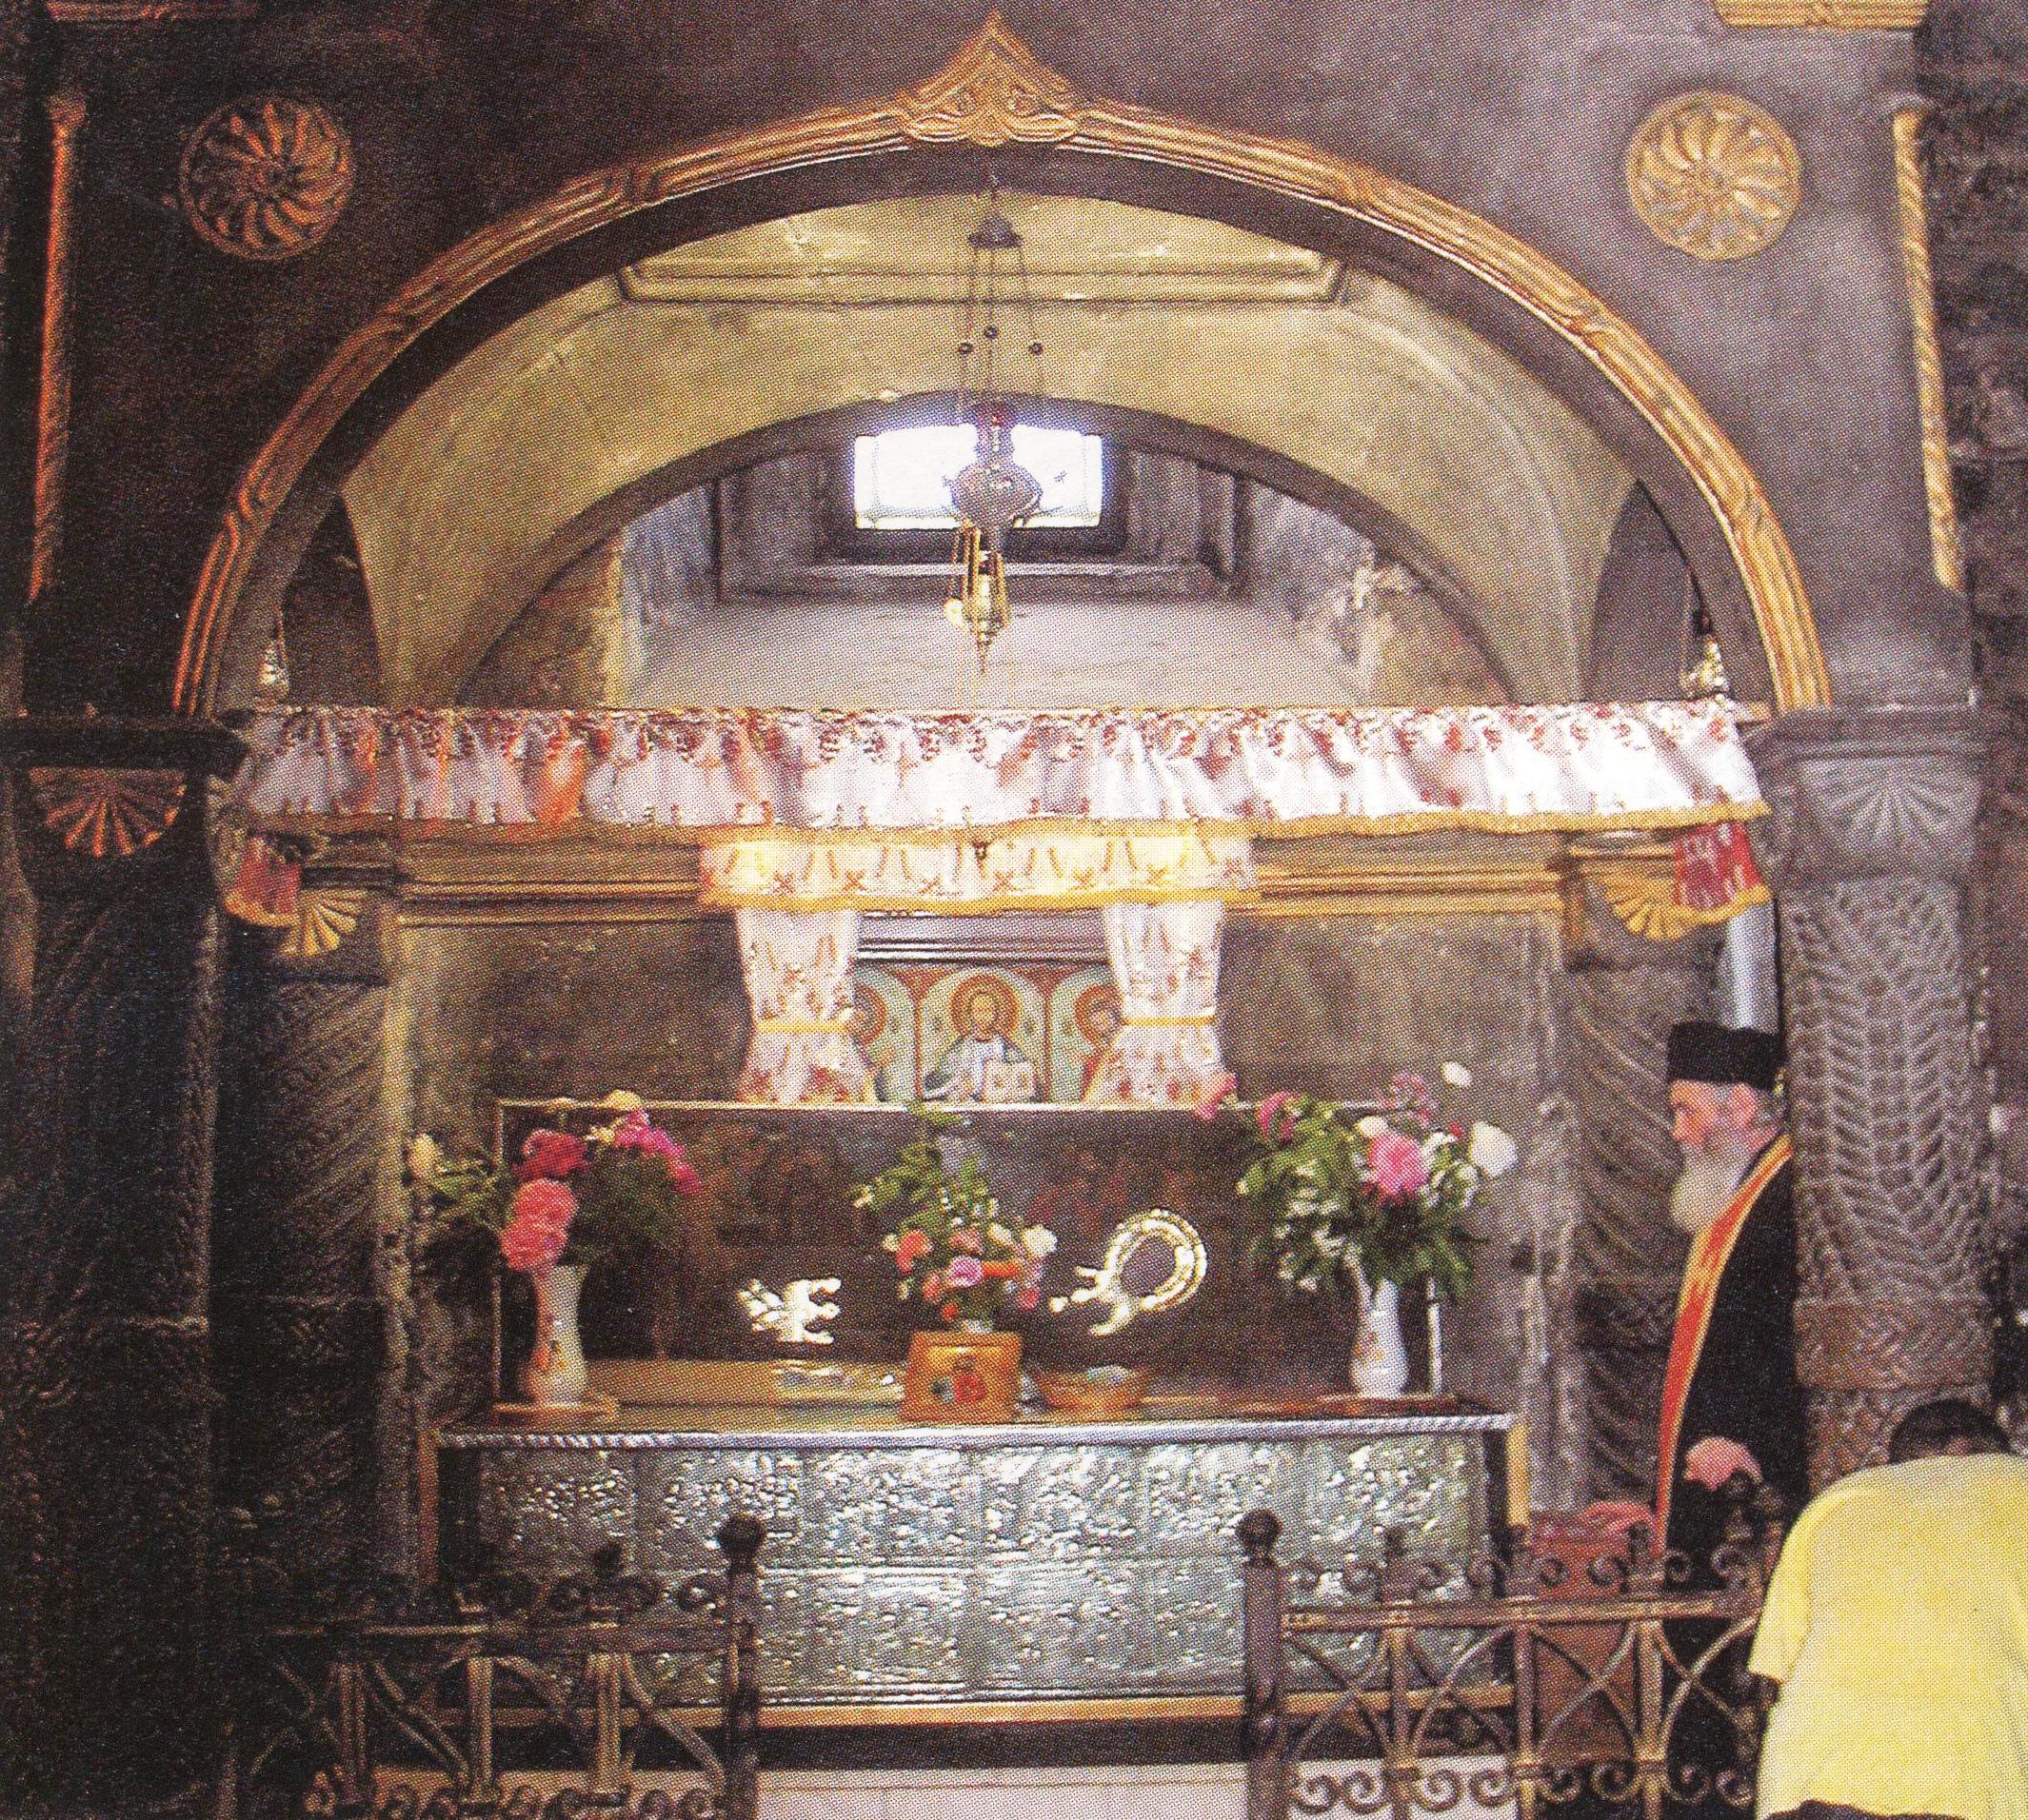 Η λειψανοθήκη του αγίου Ιωάννου του Νέου στο καθολικό της Ιεράς Μονής Αγίου Γεωργίου Σουτσεάβα.